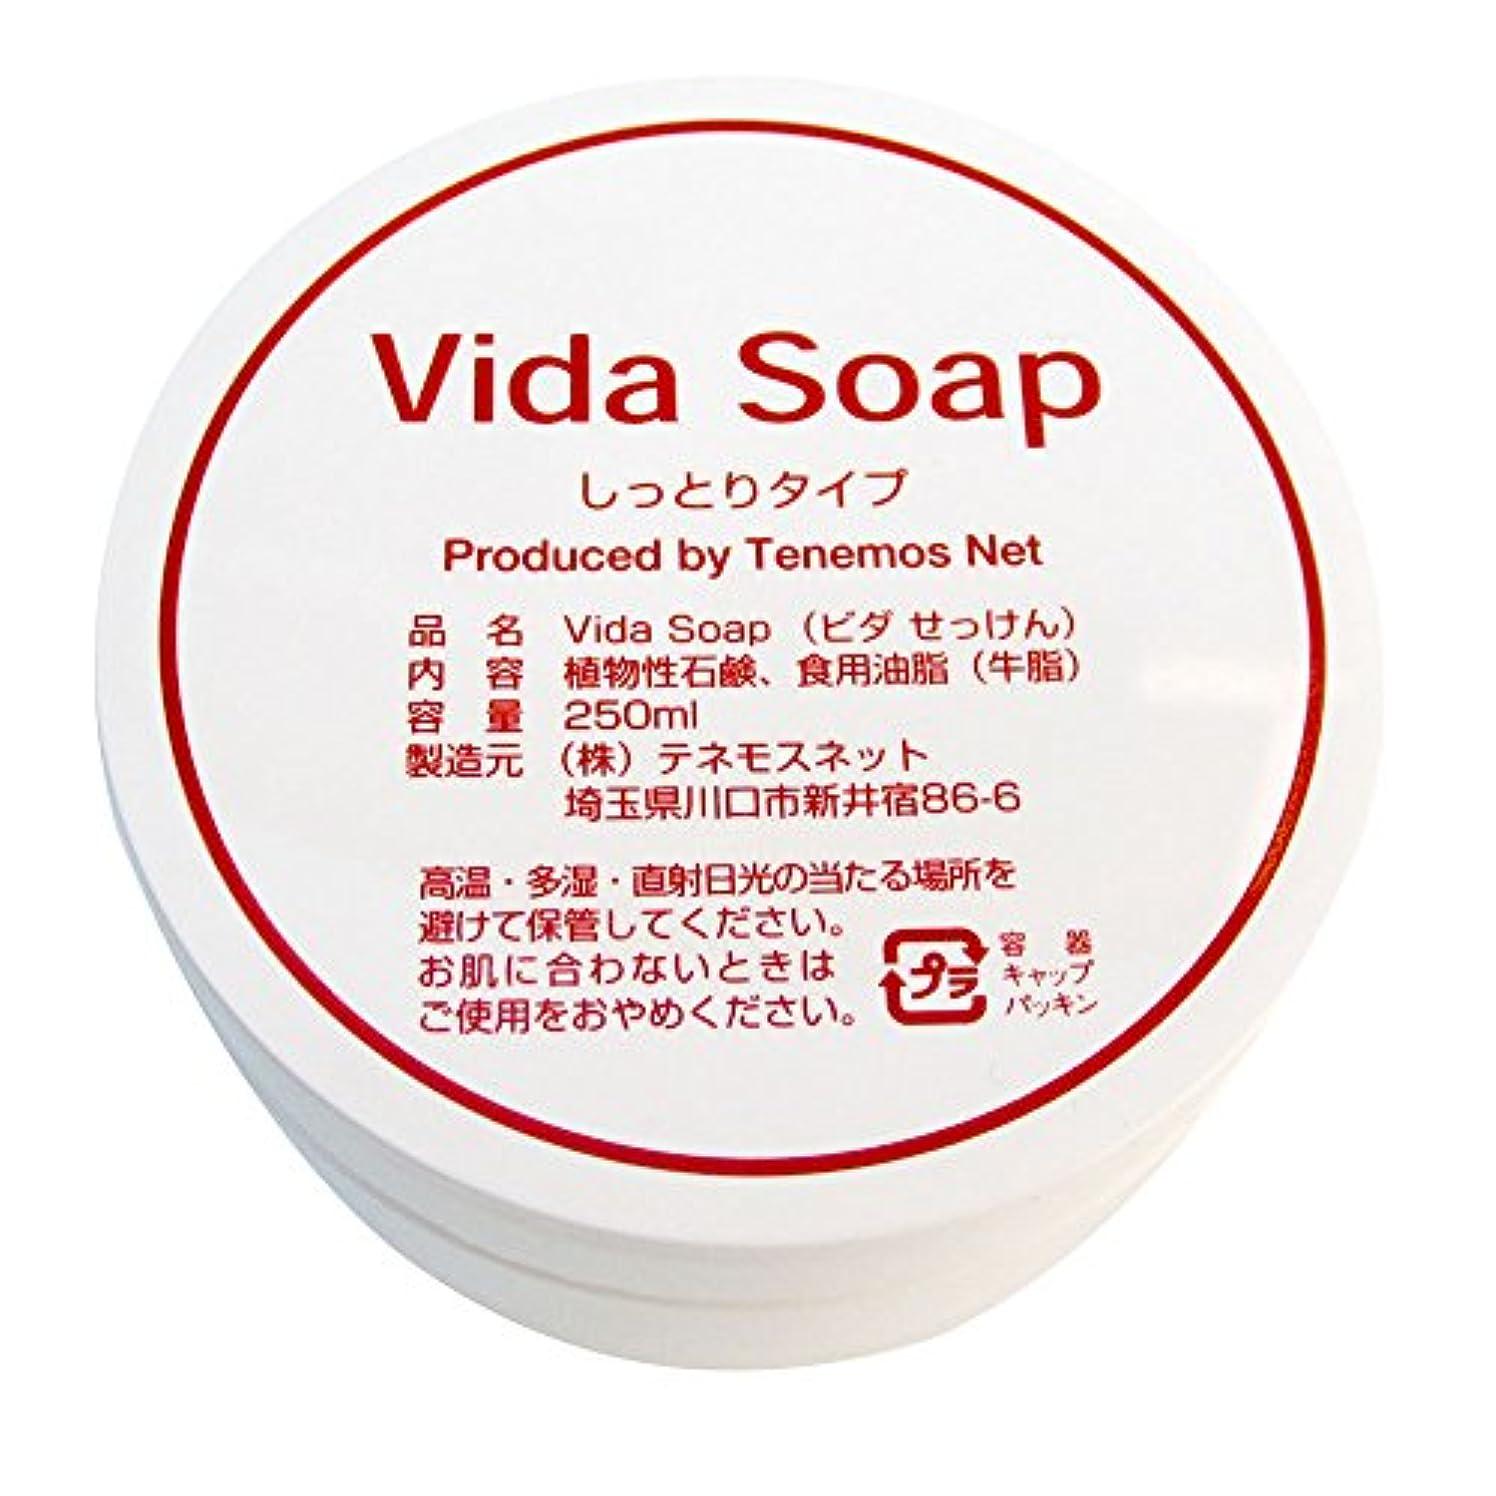 対話追加ヒュームテネモス ビダせっけん Vida Soap しっとりノーマル 動物性 250ml